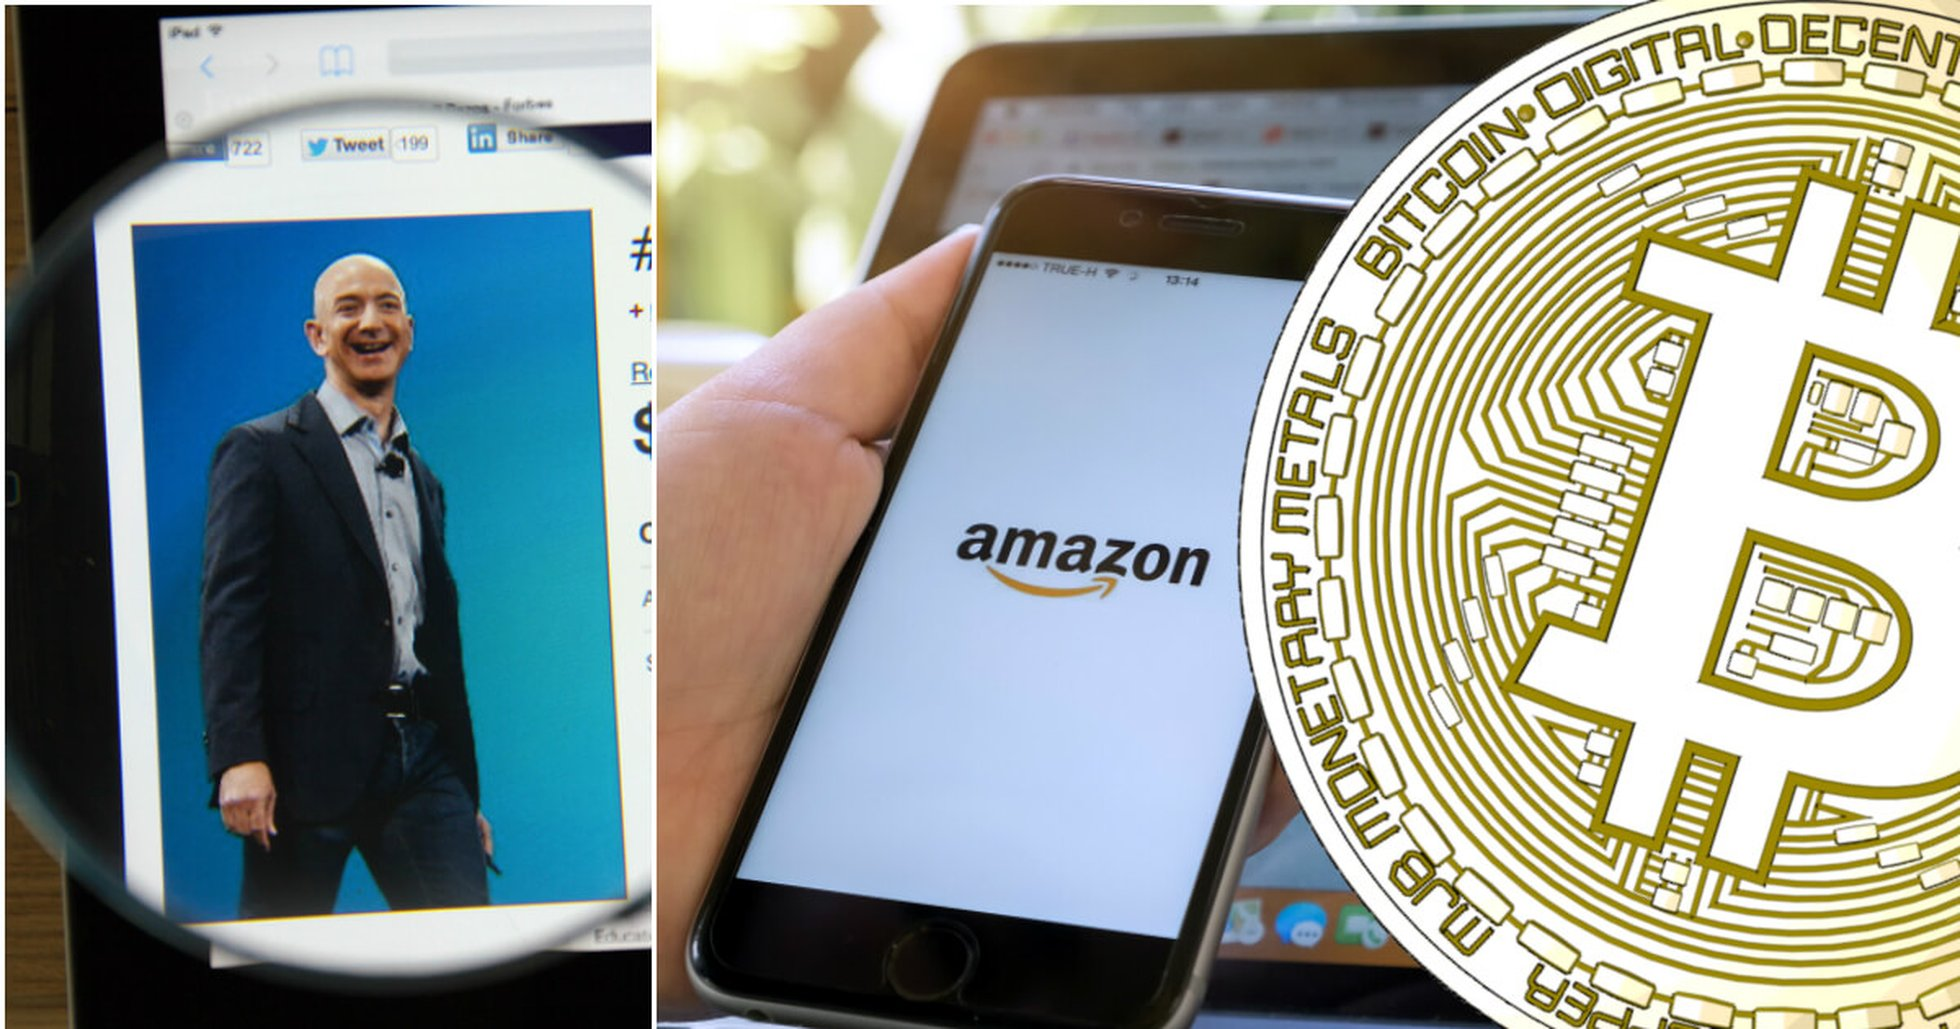 Är Amazon på väg att storsatsa på kryptovalutor? Här är allt vi vet.